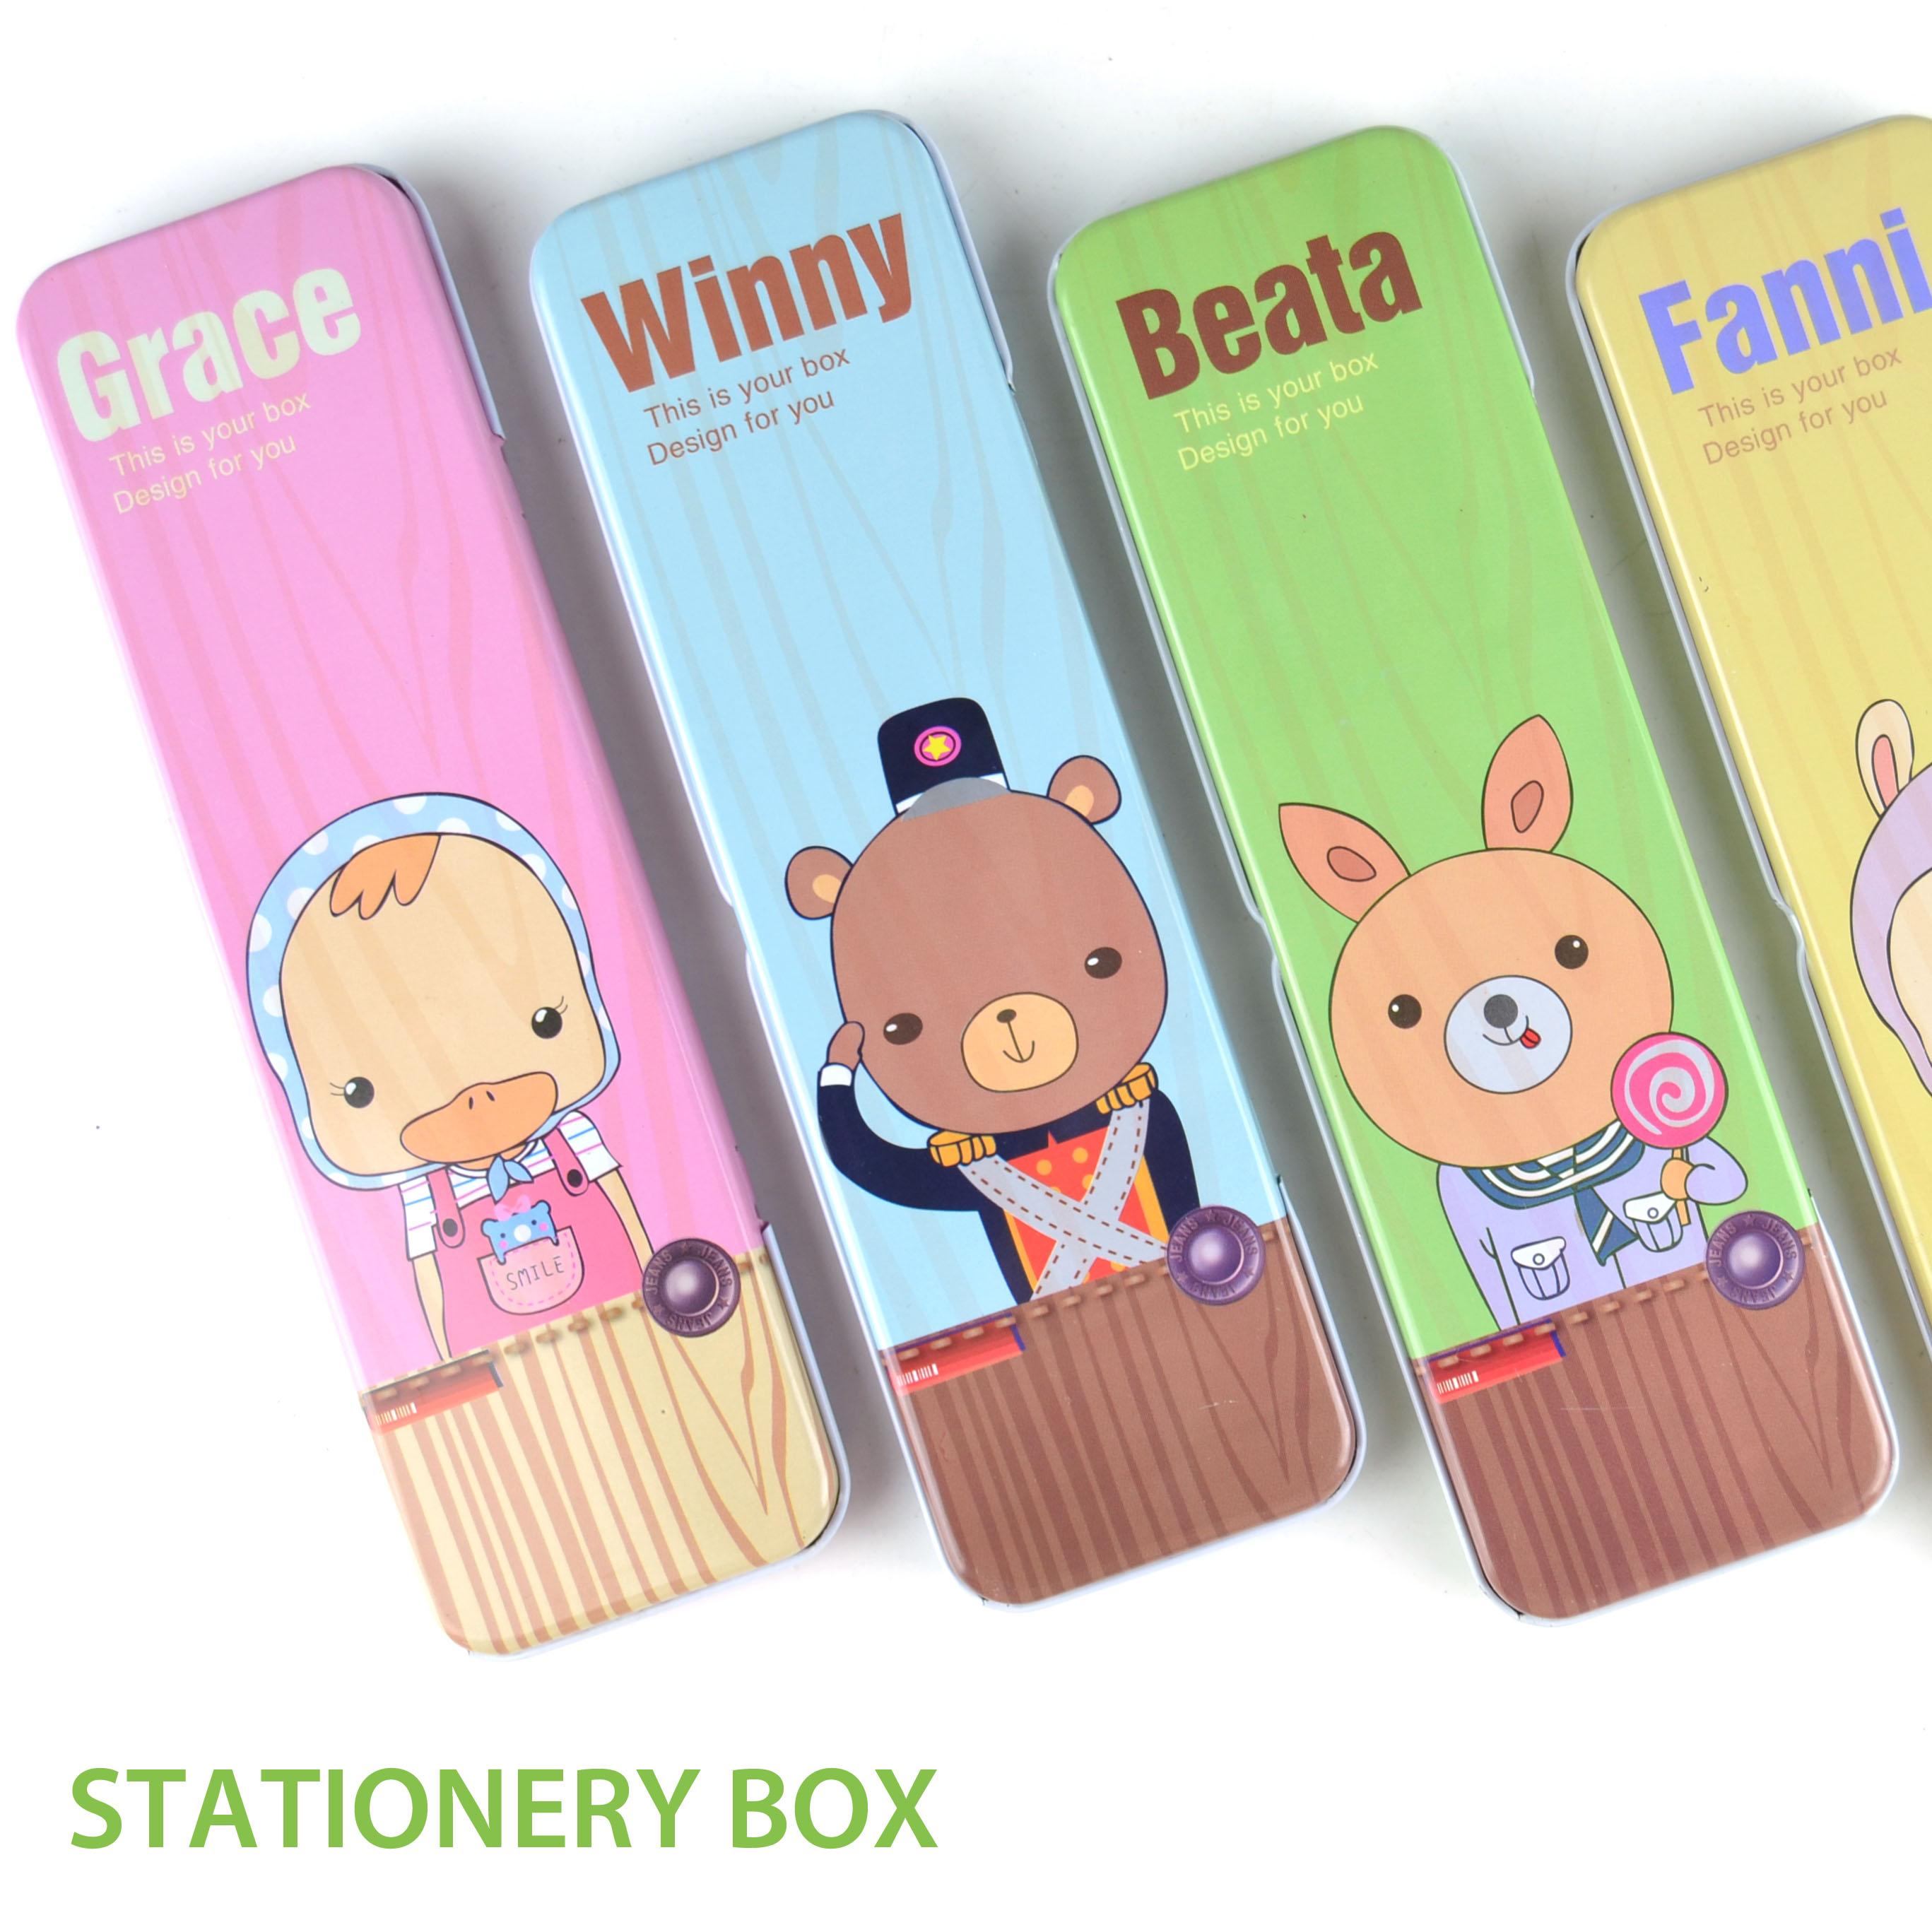 儿童文具可爱铅笔盒小动物方形铁皮盒 学生长条文具盒奖奖品批发